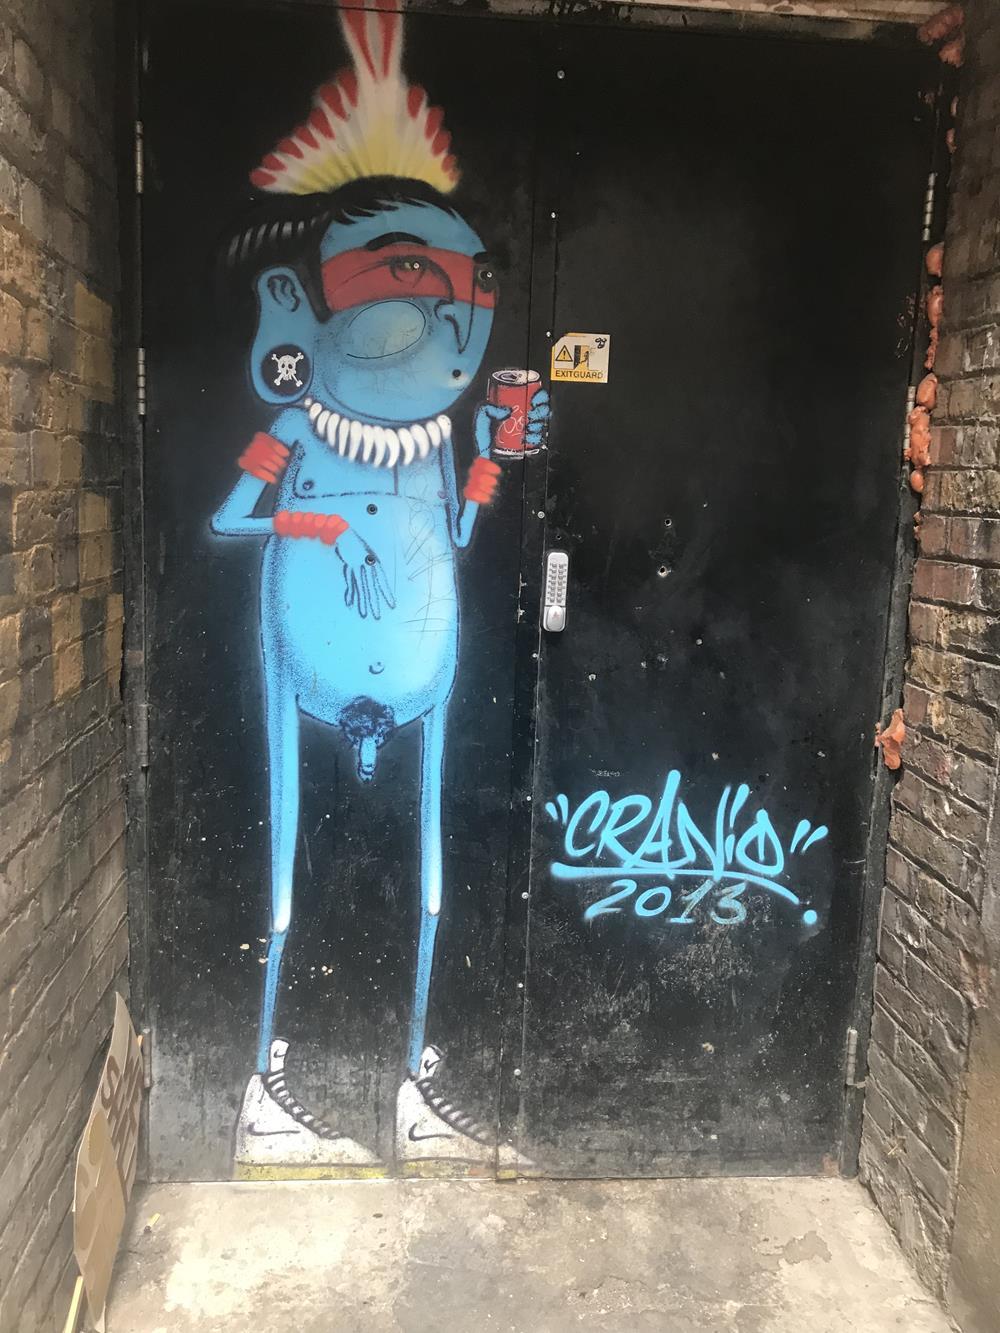 Blue man street art by Cranio